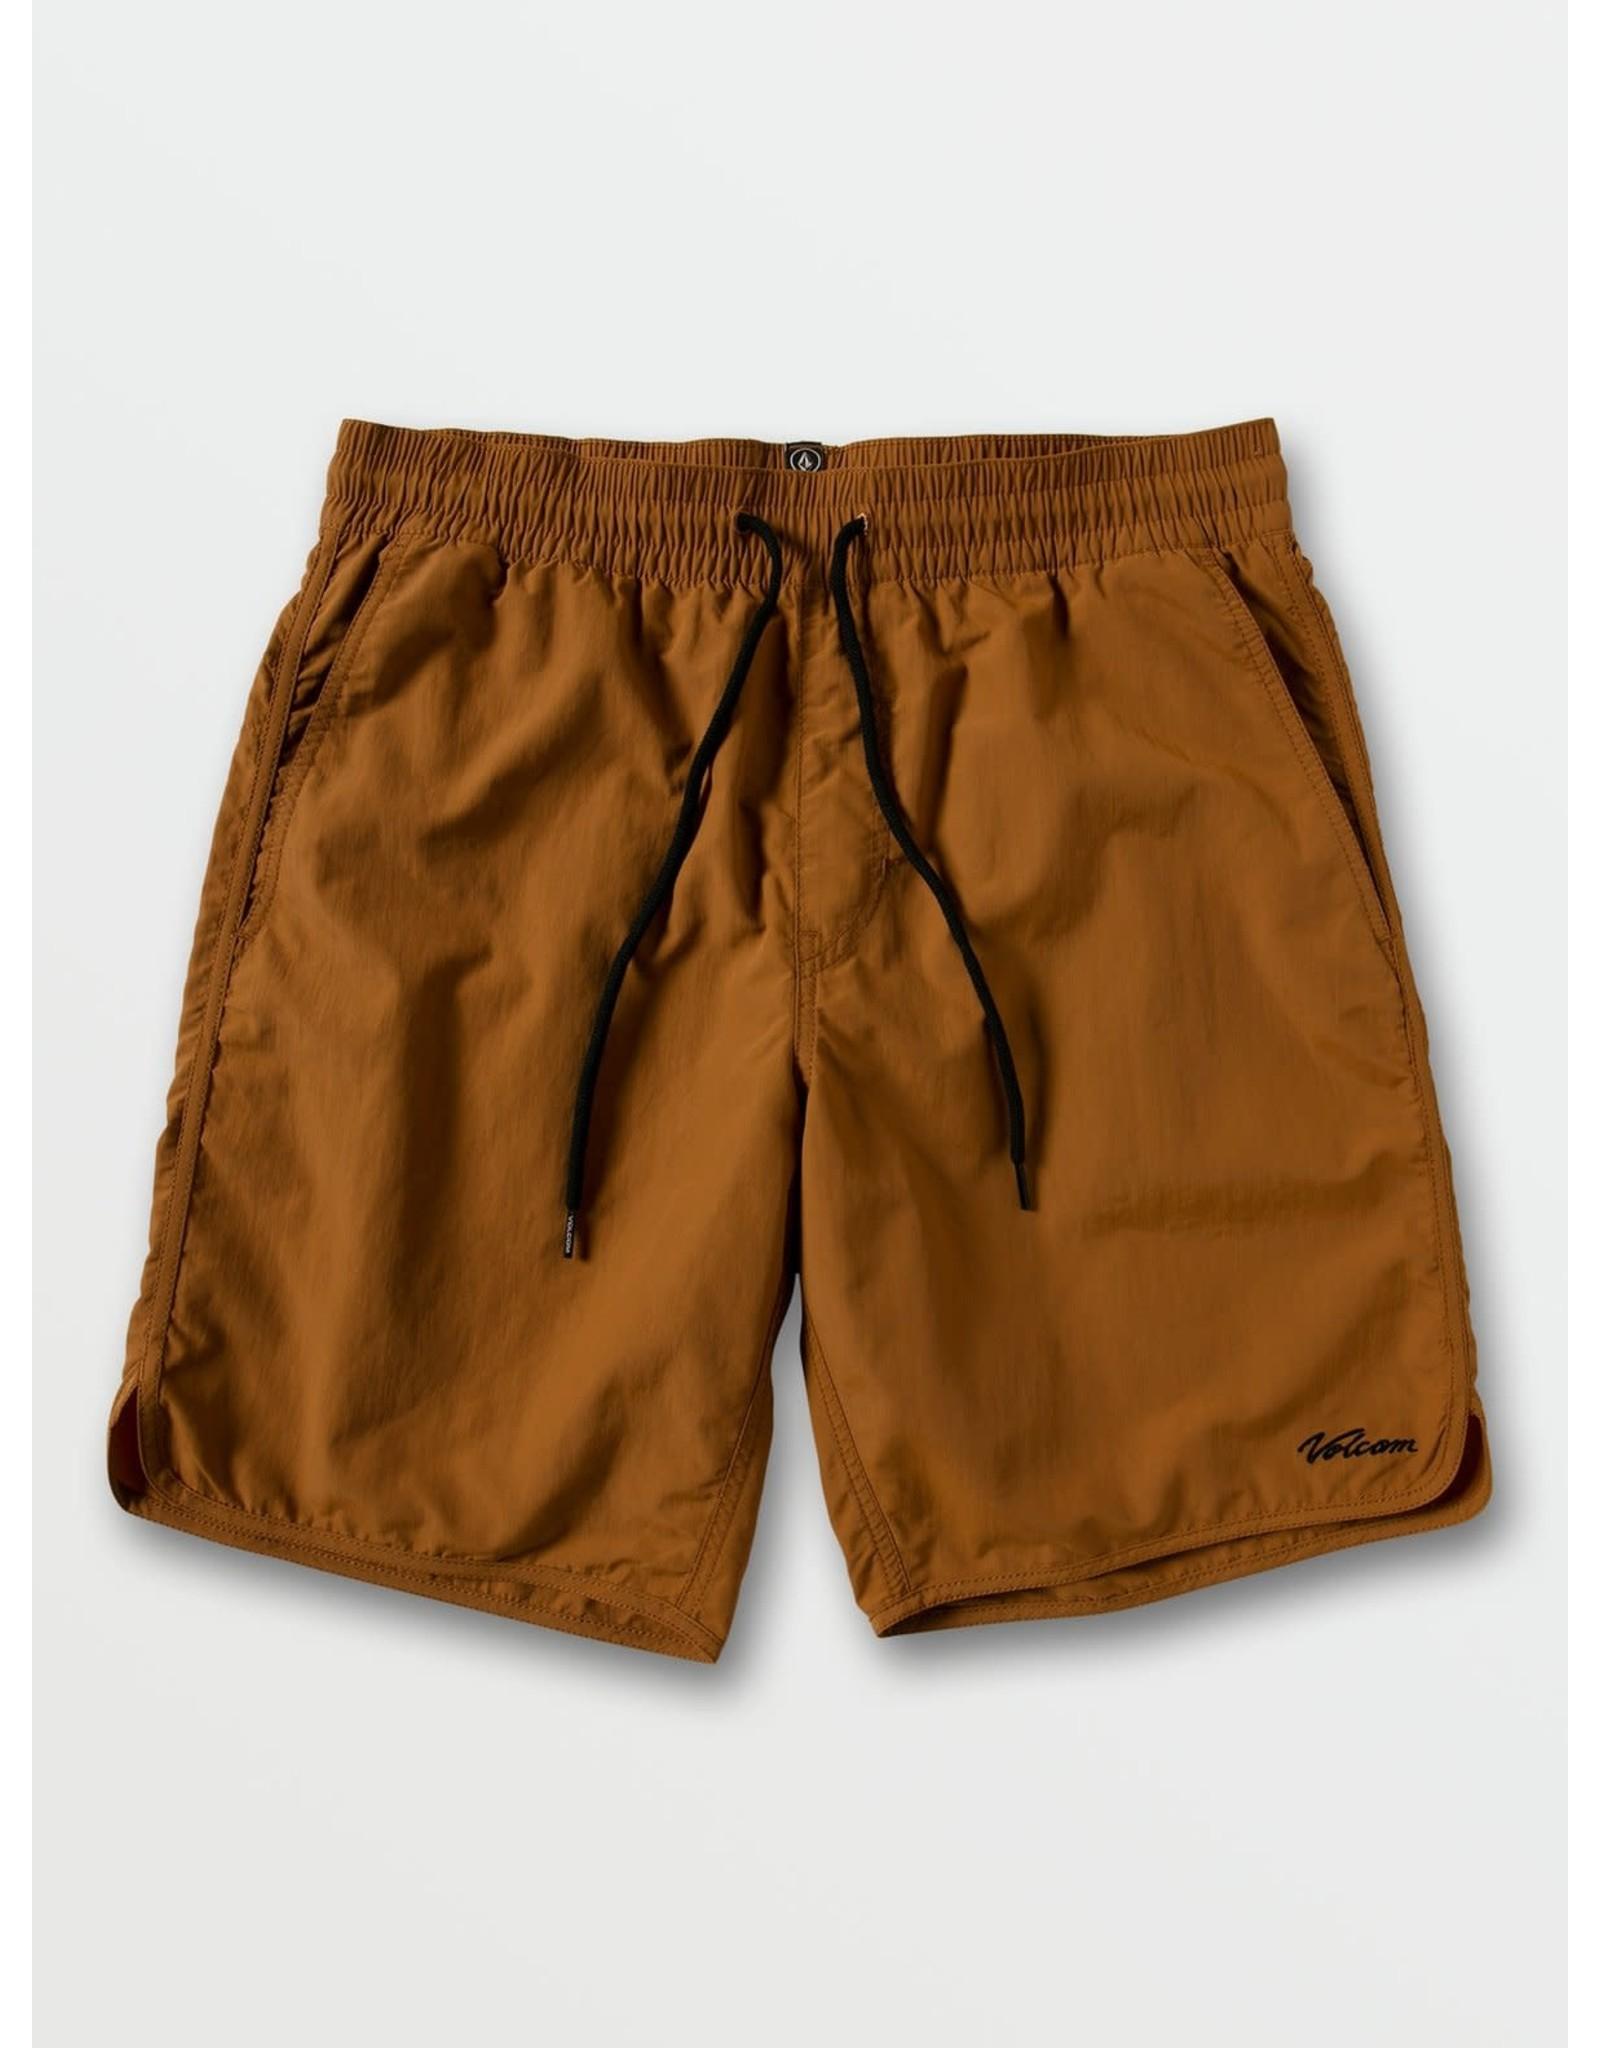 VOLCOM Men's Eddison Ew Short